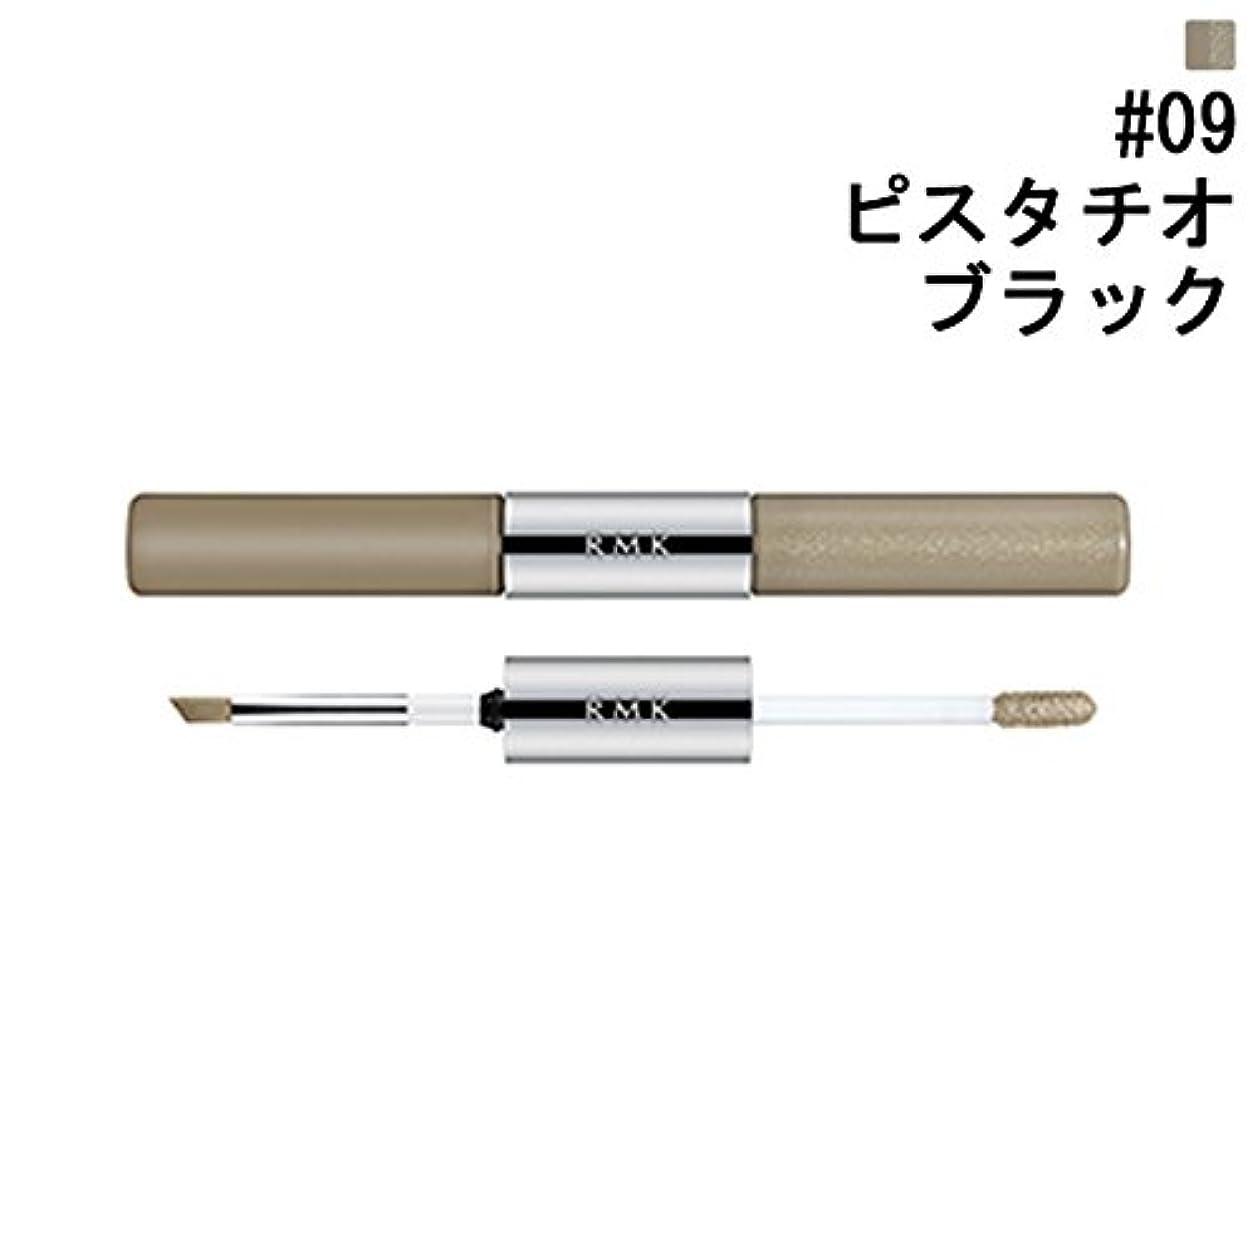 成長チャンピオンブラウザ【RMK アイシャドウ】 W ウォーター アイズ カラー インク 09 [並行輸入品]